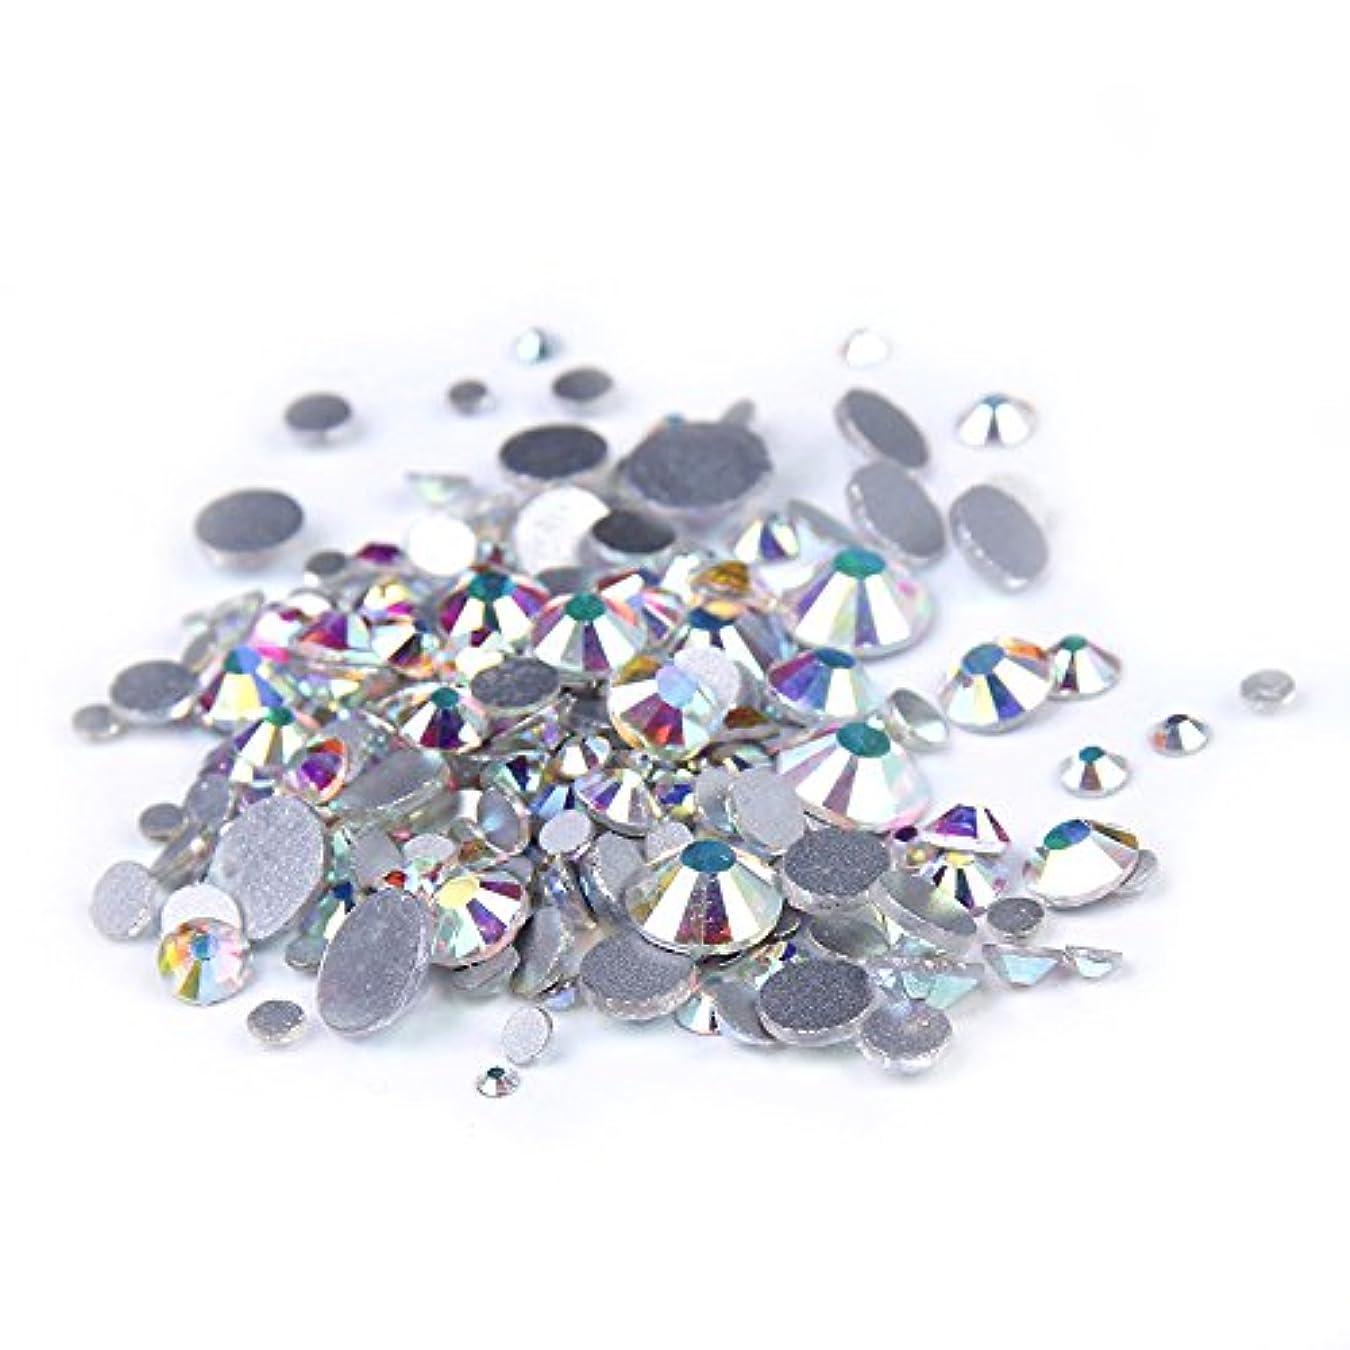 動揺させるドナー配置Nizi ジュエリー ブランド クリスタルオーロラ ラインストーン はガラスの材質 ネイル使用 型番ss3-ss50 (SS30 288pcs)